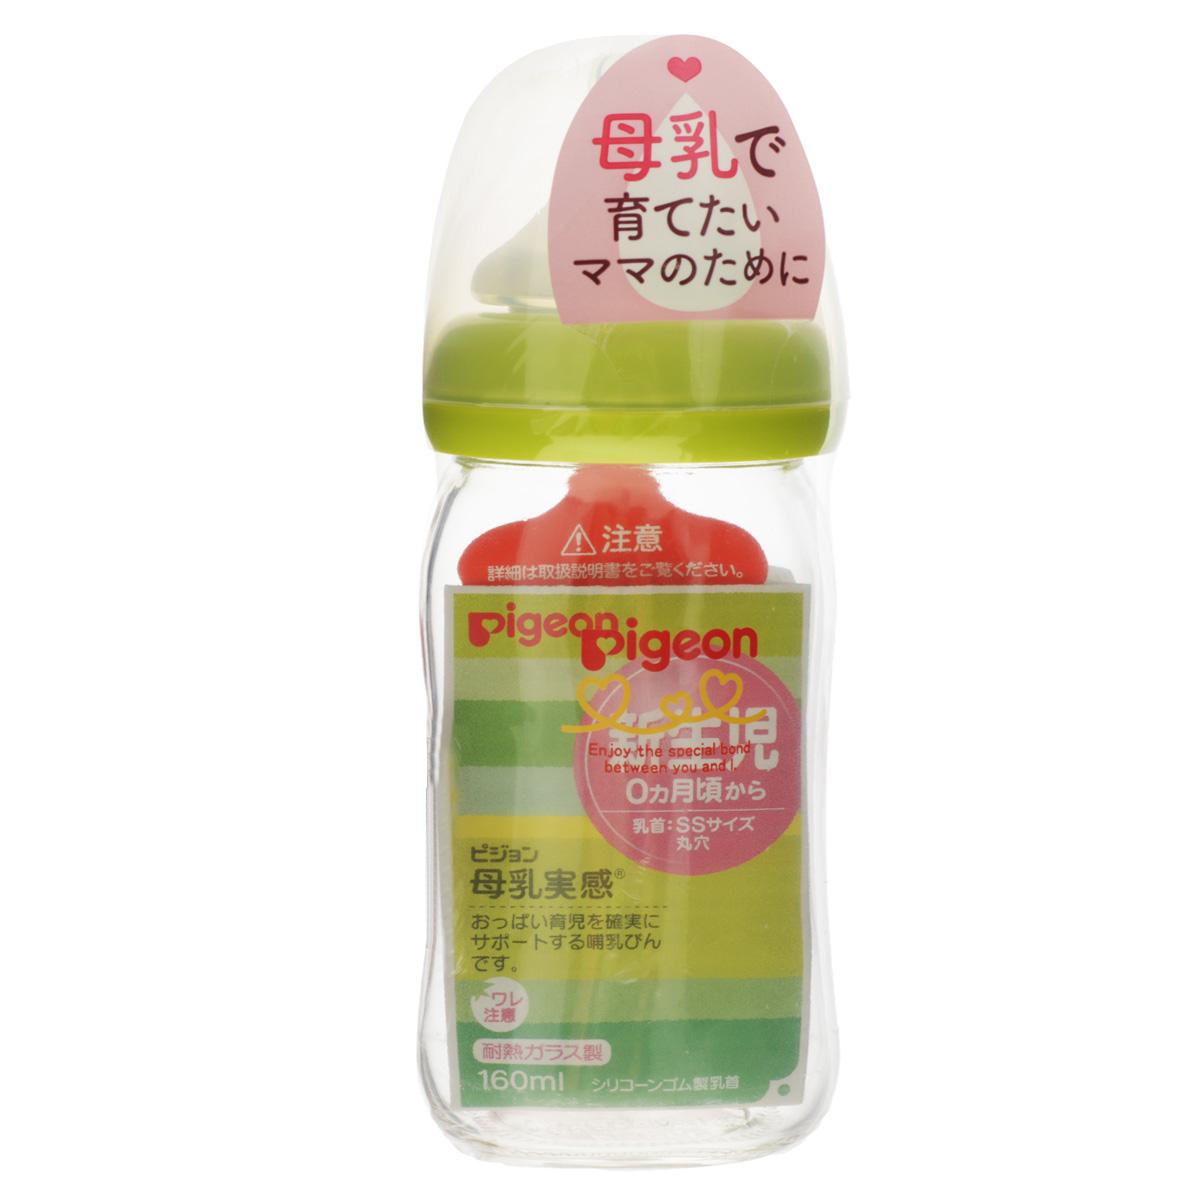 PIGEON Бутылочка для кормления Перистальтик Плюс 160мл, премиальное стекло pigeon бутылочка для кормления pigeon softouch перистальтик плюс 160 мл